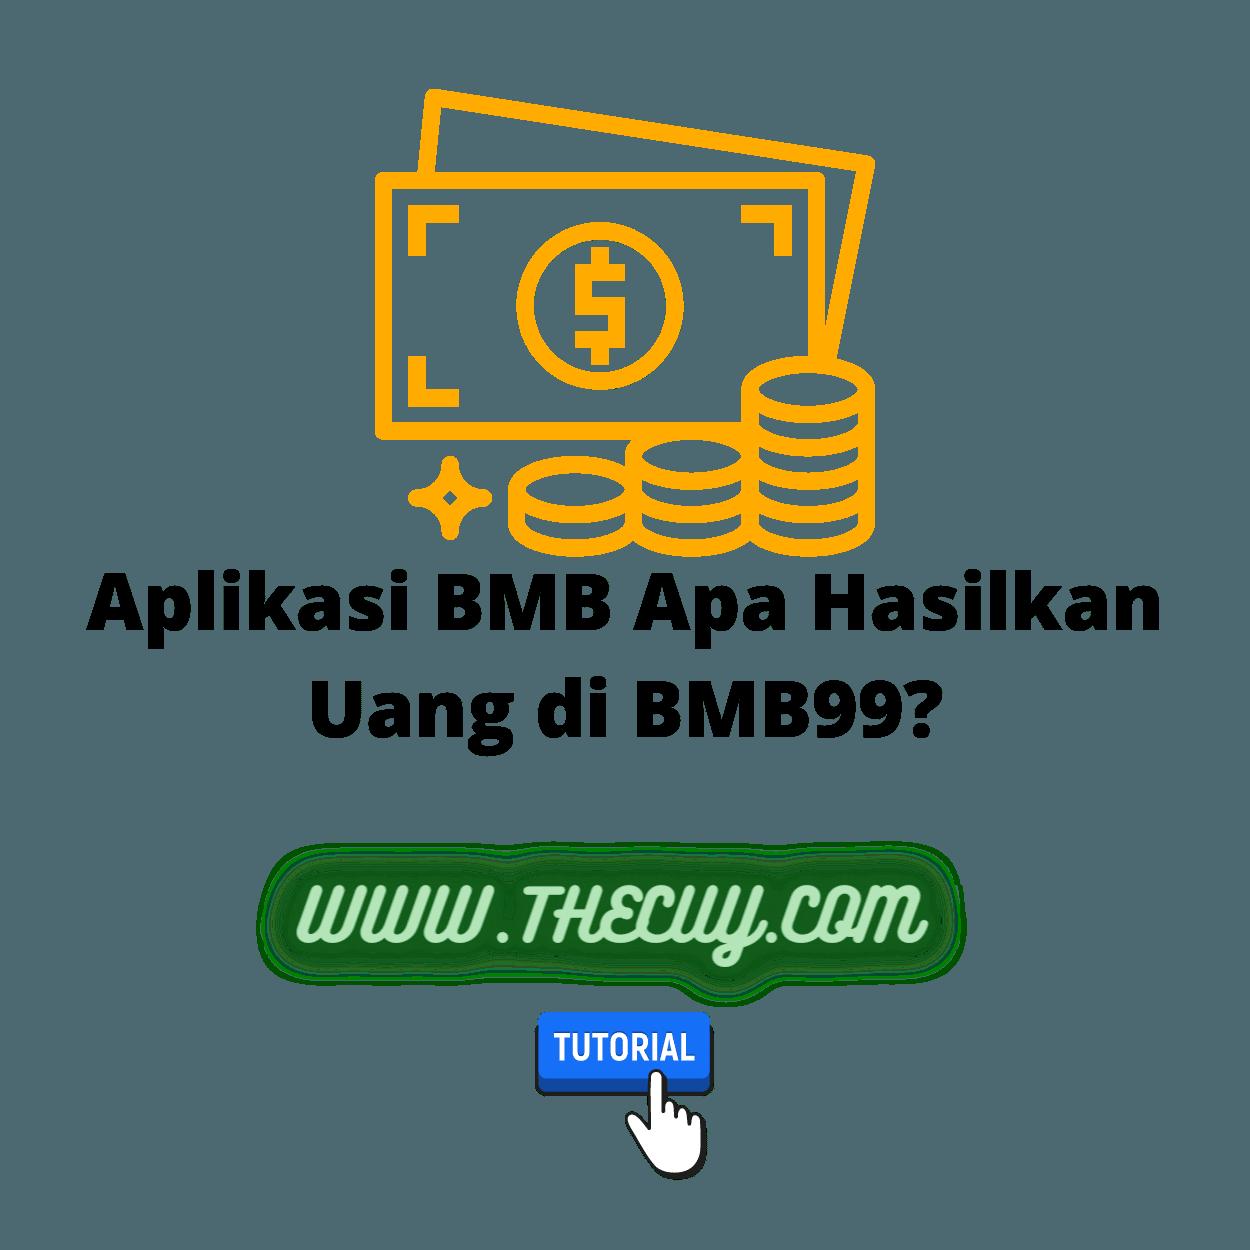 Aplikasi BMB Apa Hasilkan Uang di BMB99?